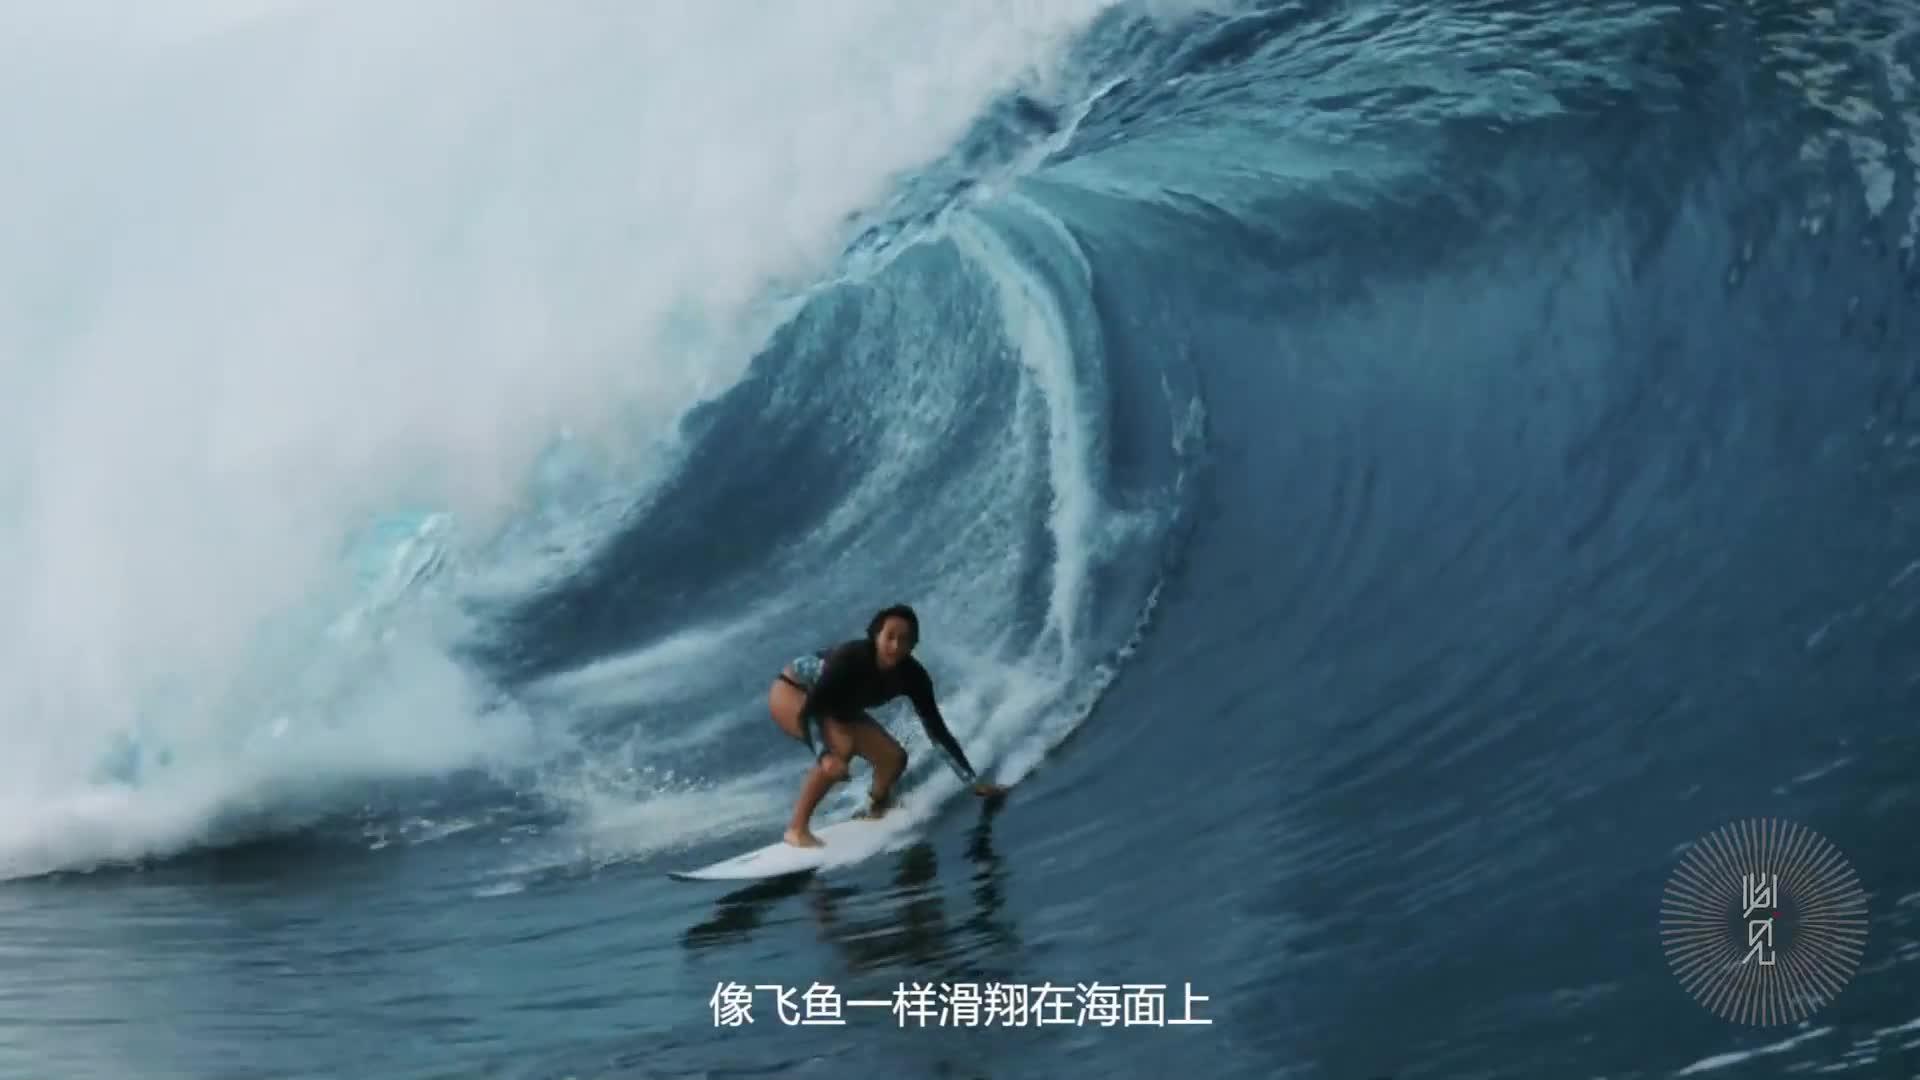 太平洋的风之与浪共舞│必见第二十七期